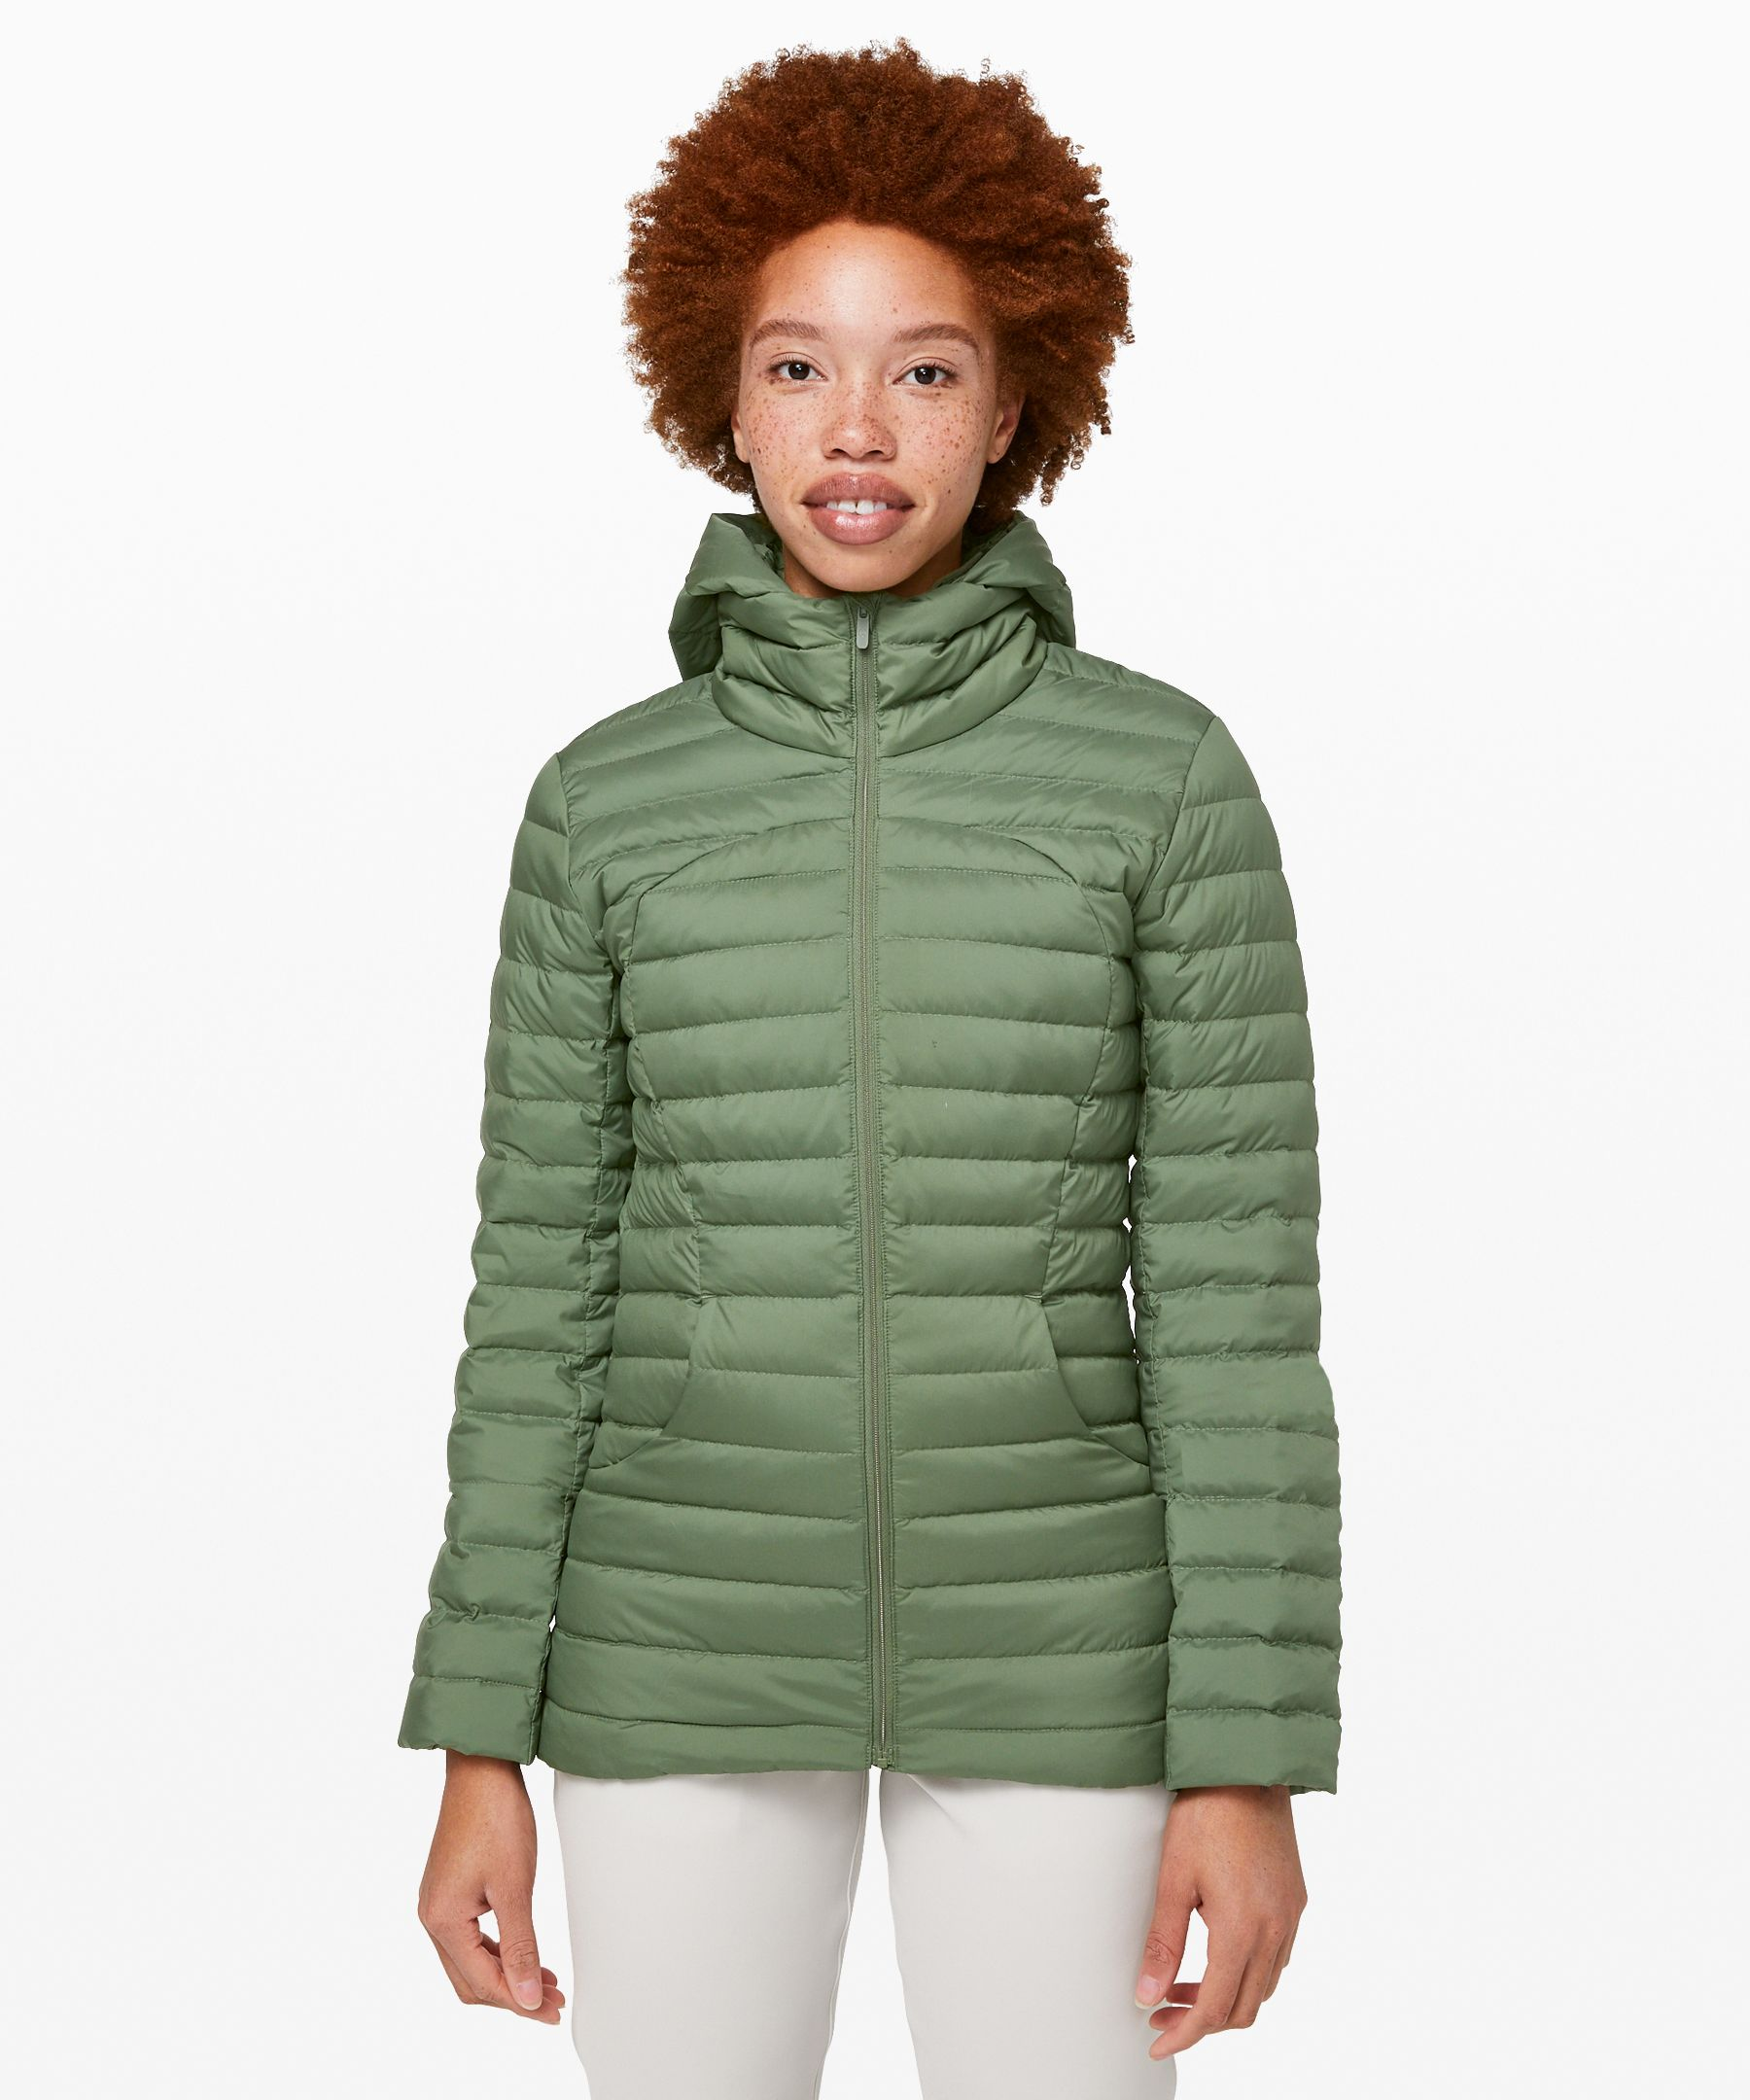 Lululemon Pack It Down Jacket In Green Twill